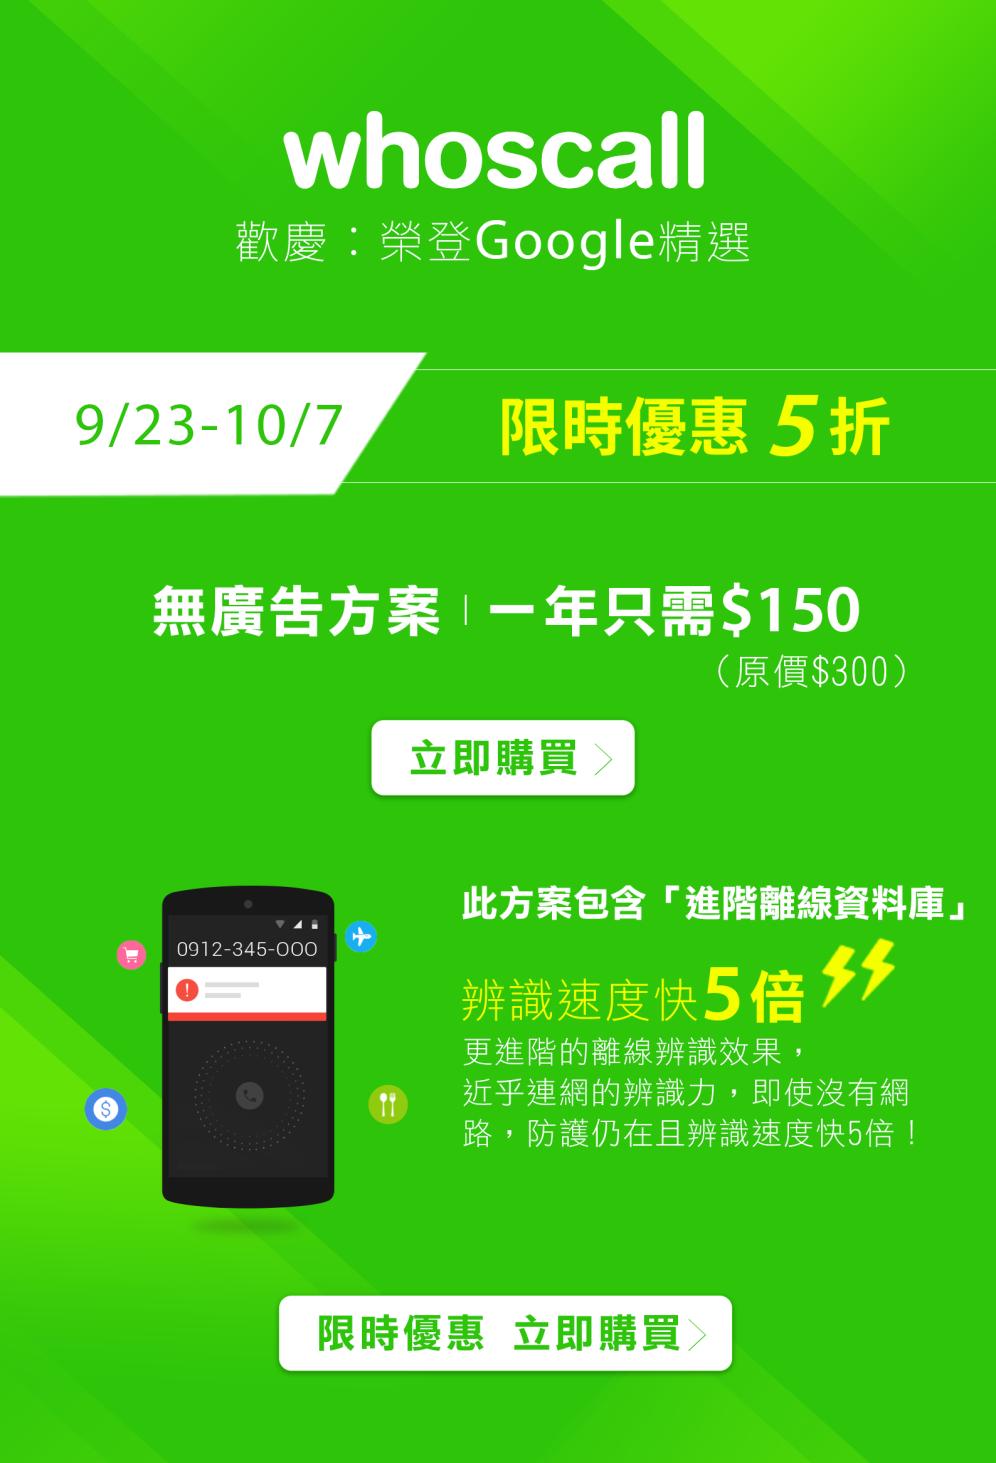 【限時5折】歡慶 Whoscall 登上 Google Play 精選 APP